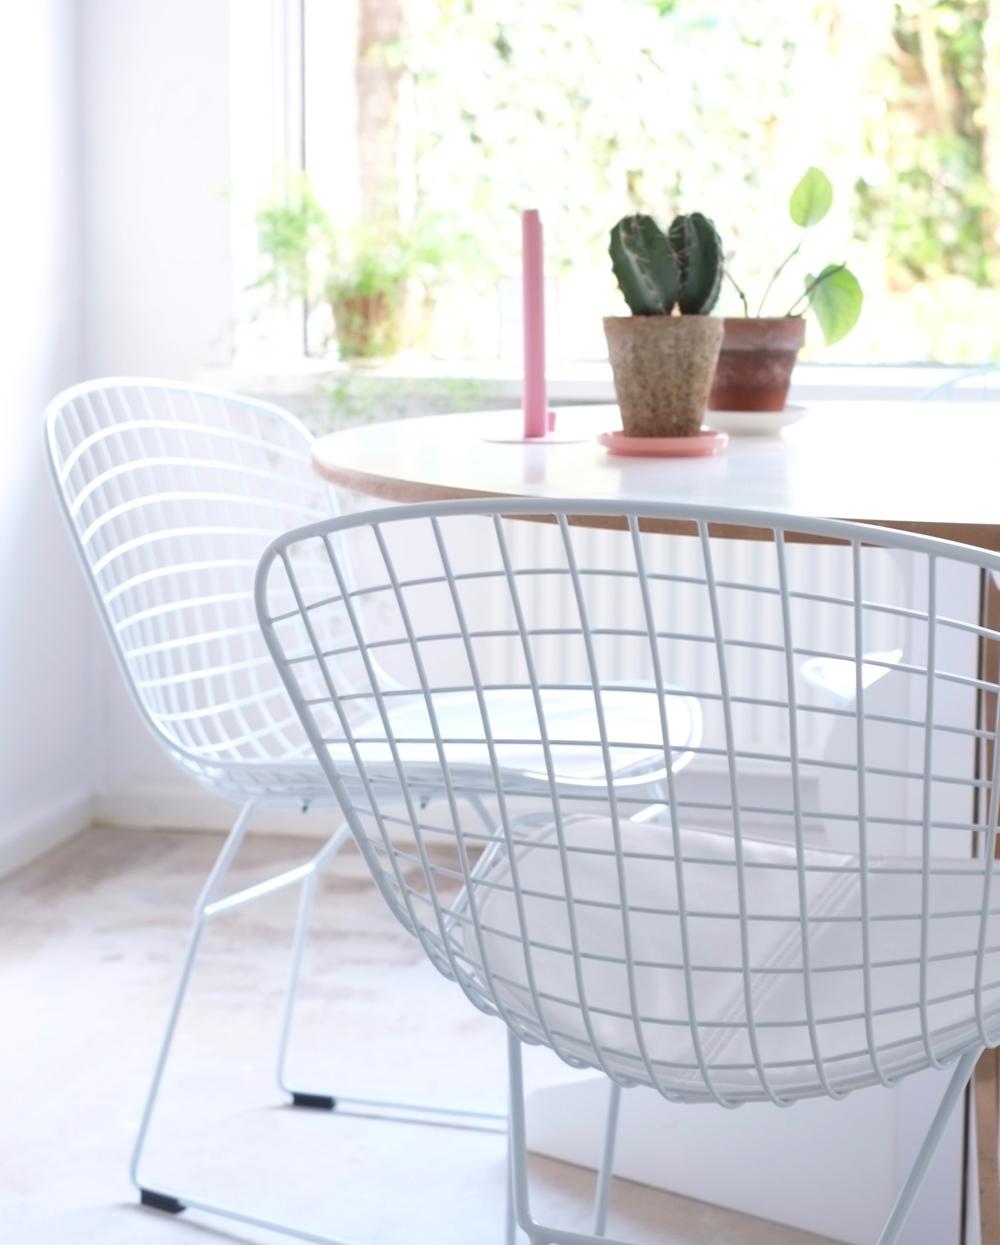 Eetkamer-designstoel4u-eettafel-eettafelstoelen-stoelen-interieuradvies-interieurontwerp